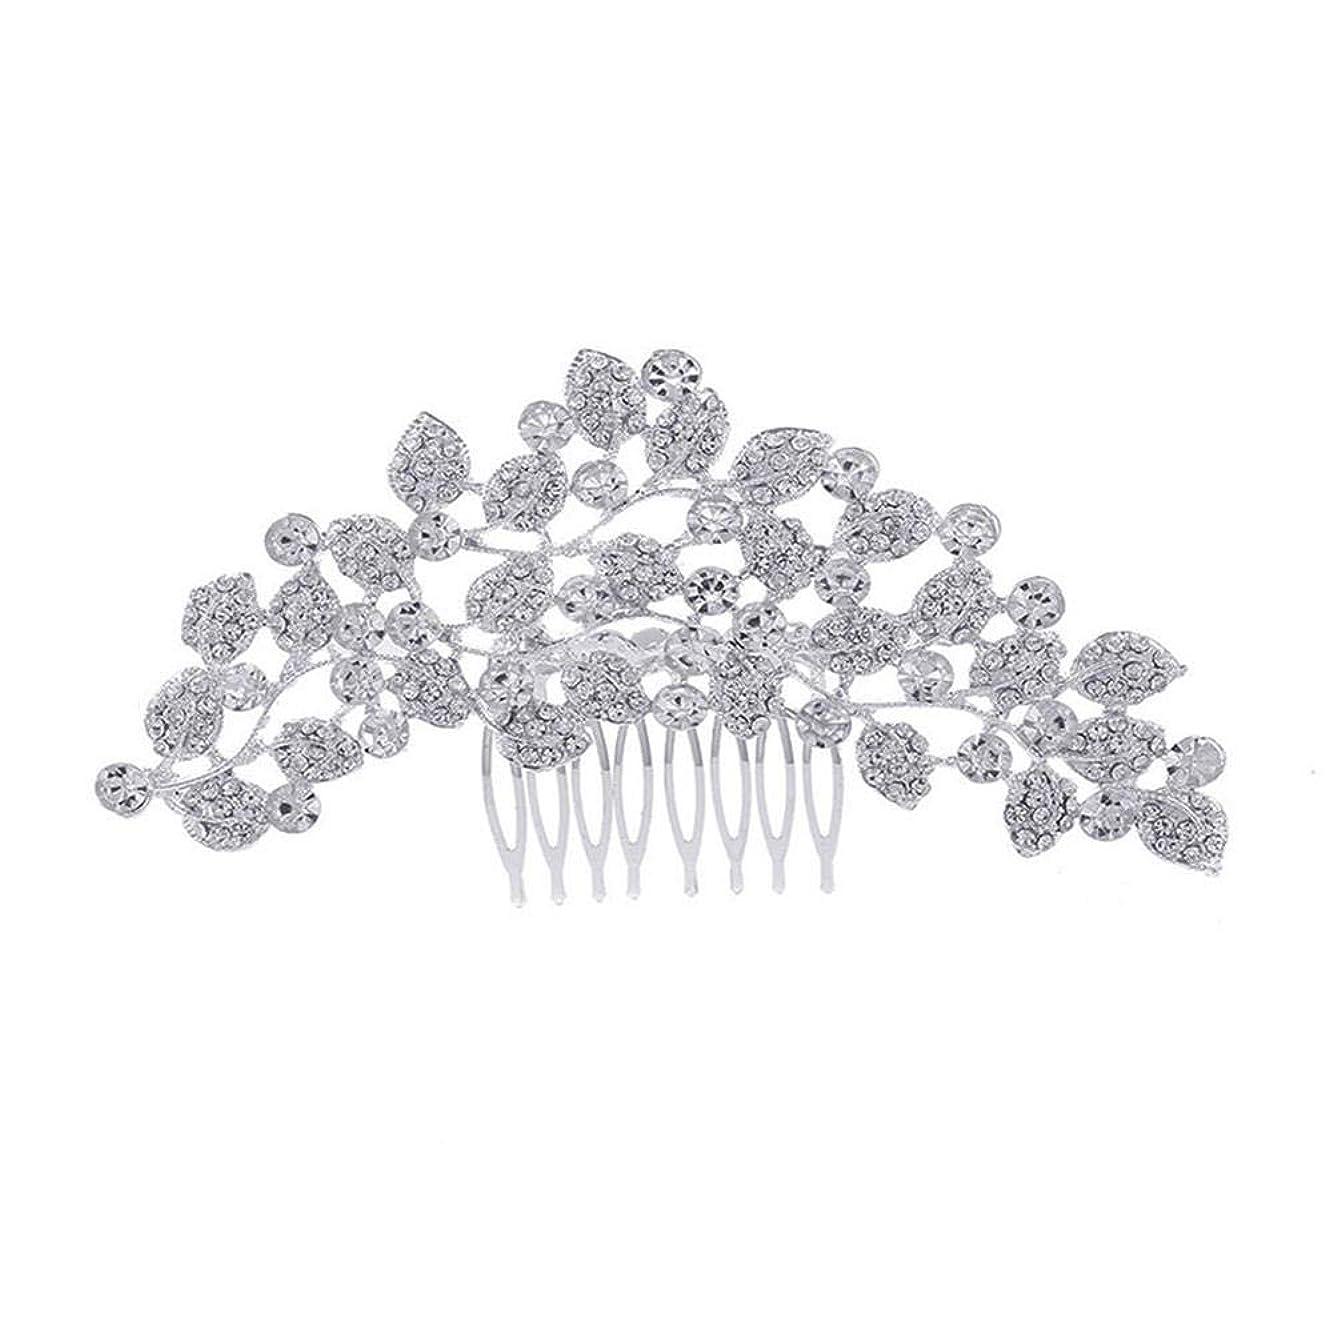 密ゲートじゃがいも髪の櫛、櫛、ブライダル髪、櫛、髪の櫛、ラインストーンの櫛、葉の髪の櫛、結婚式の髪の櫛